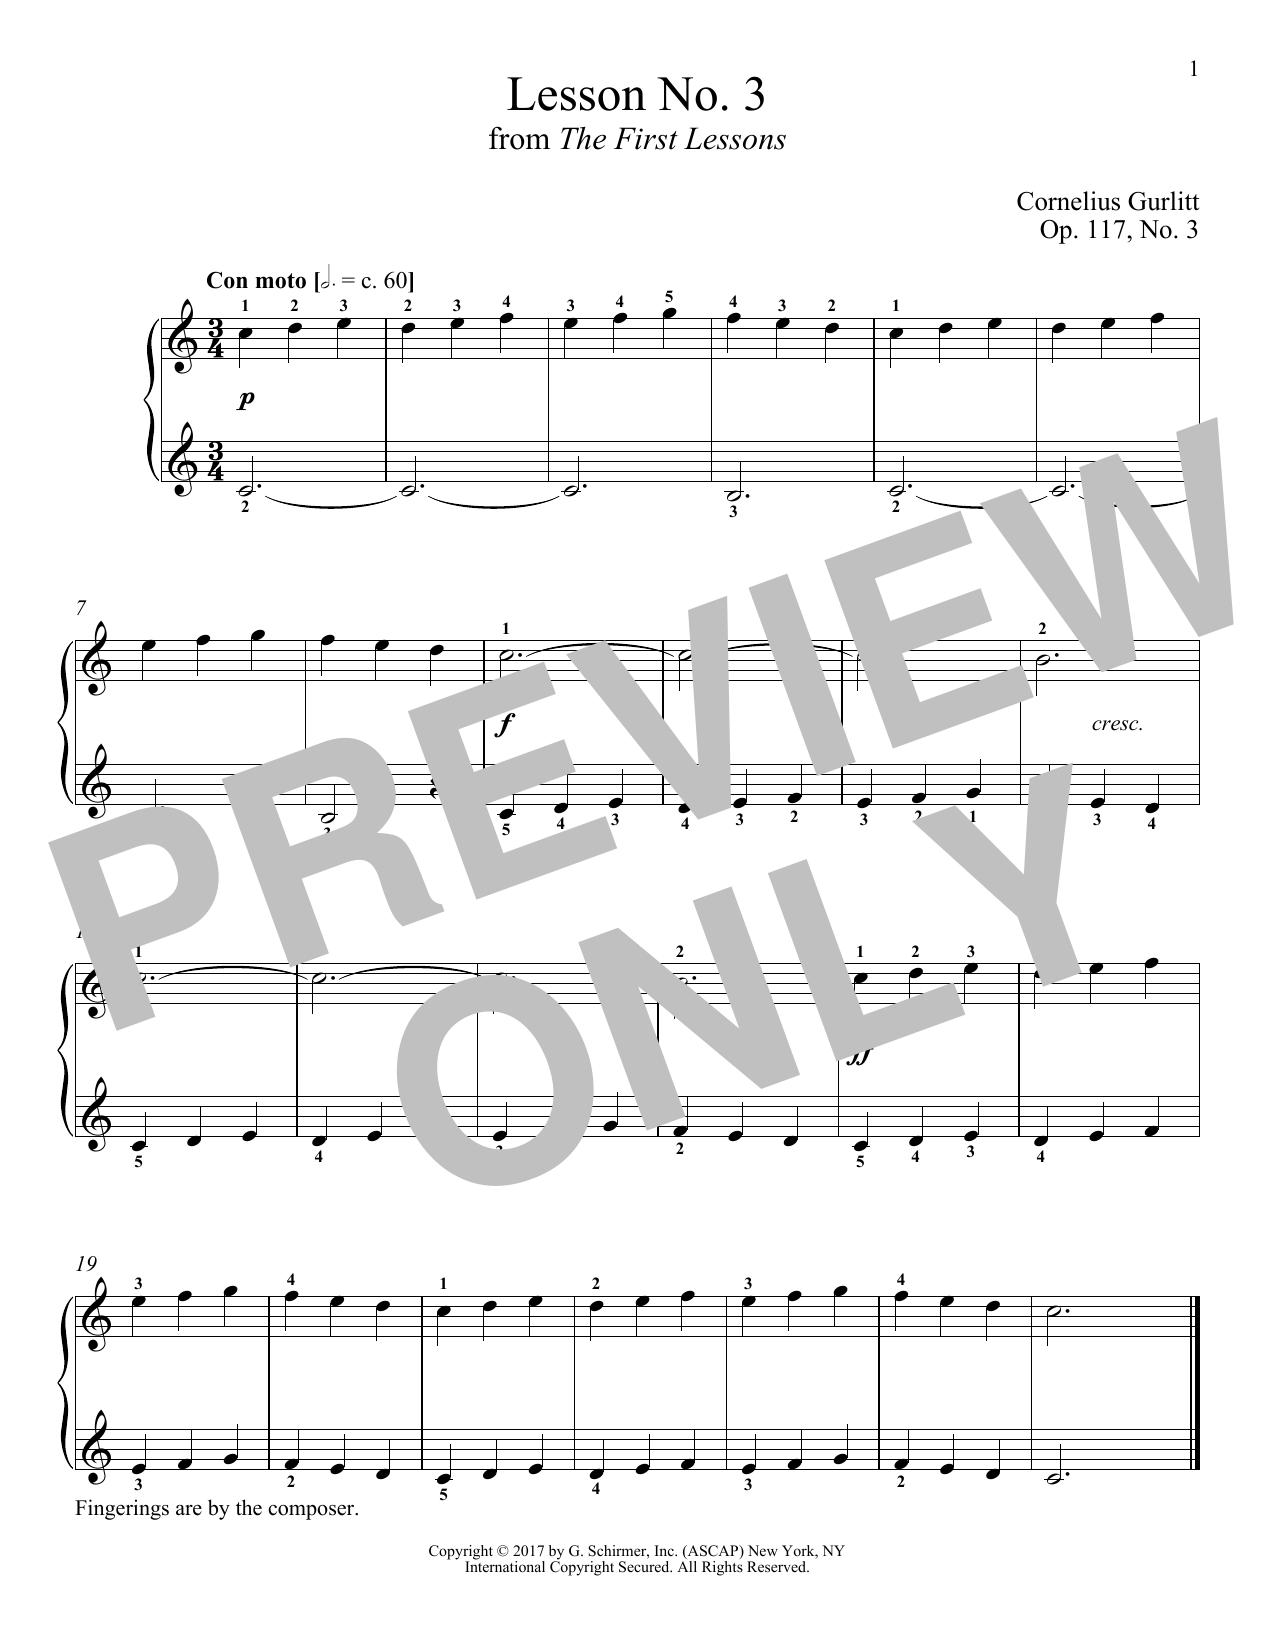 Con moto, Op. 117, No. 3 (Piano Solo)